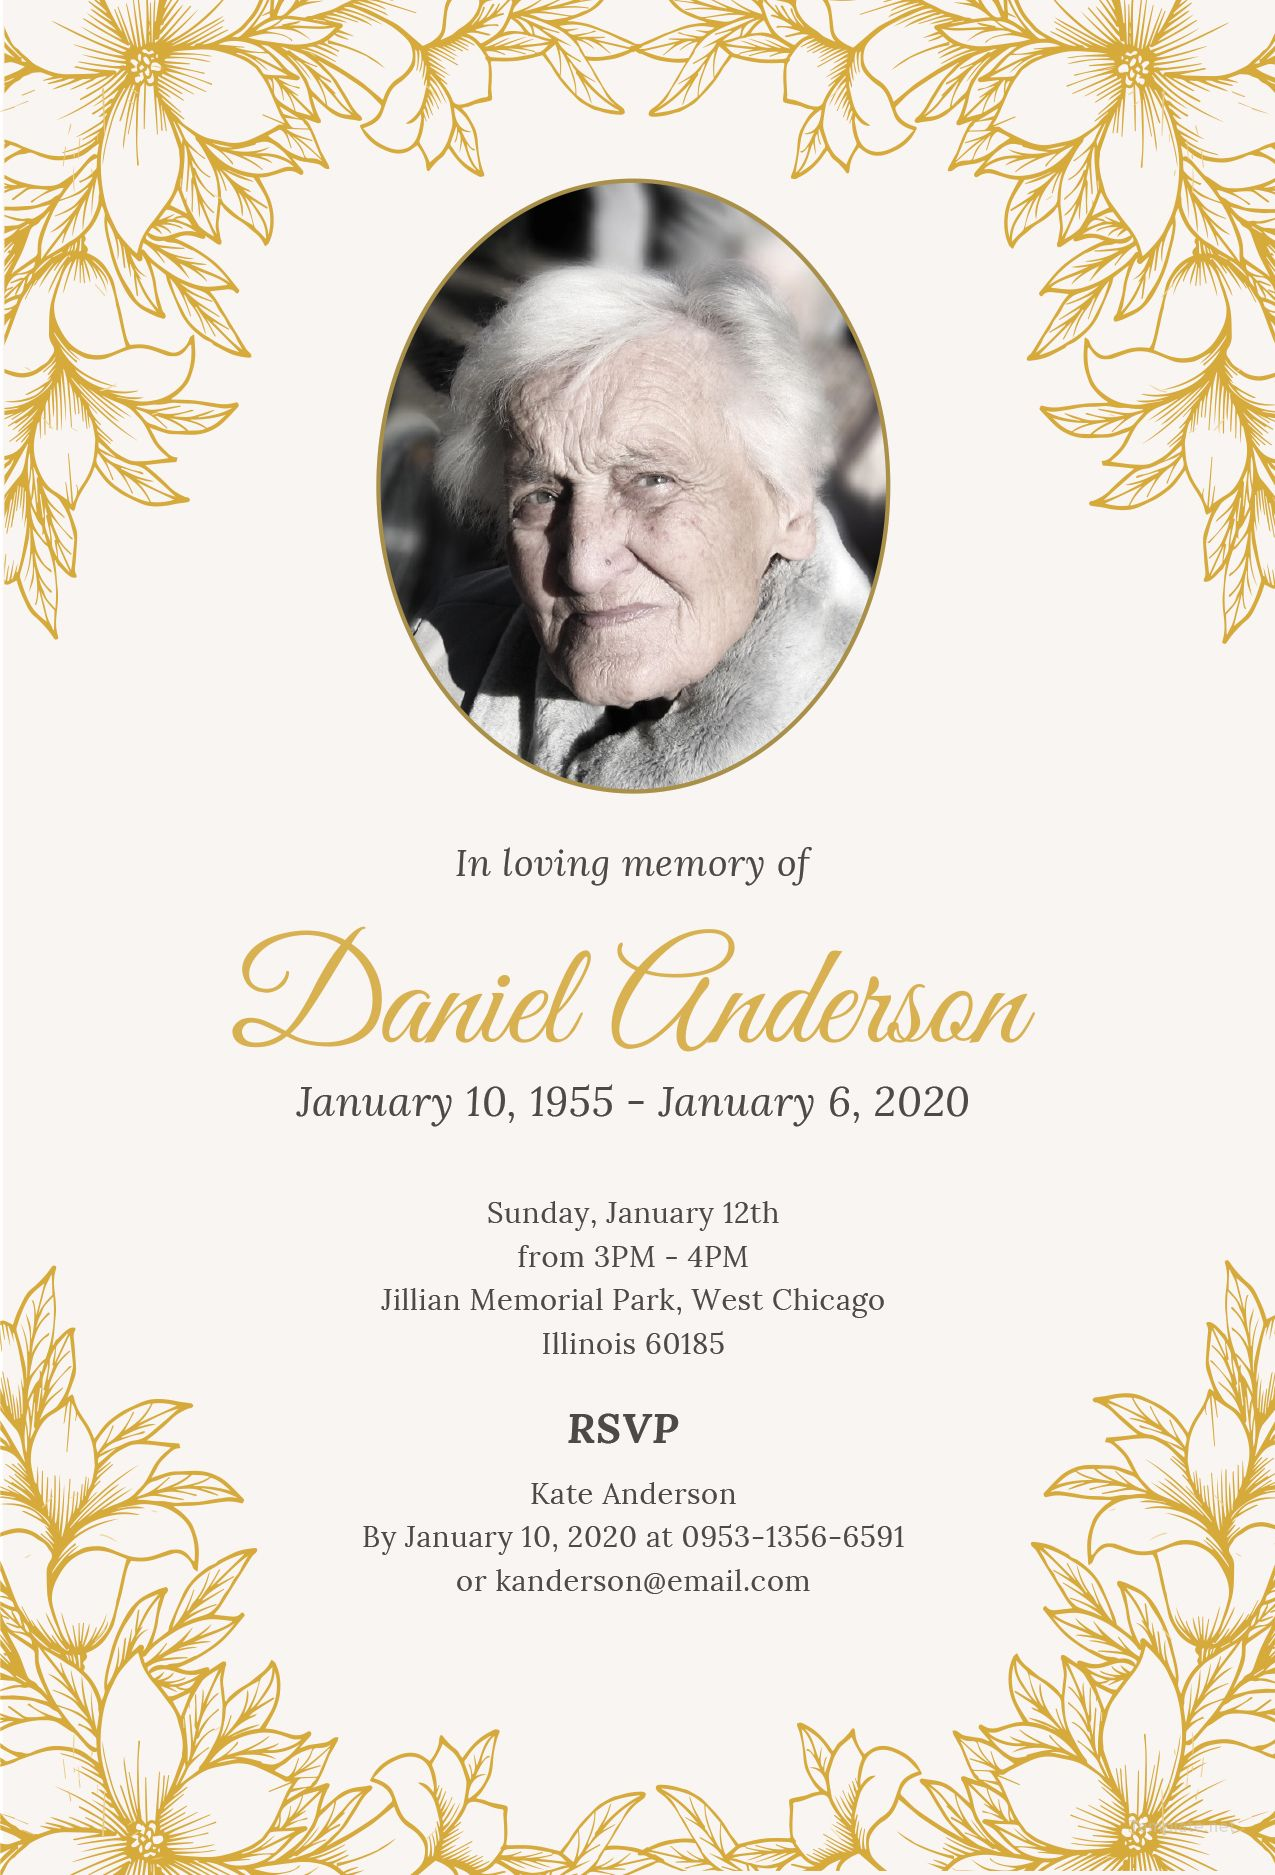 Free Funeral Ceremony Invitation In 2020 Funeral Invitation